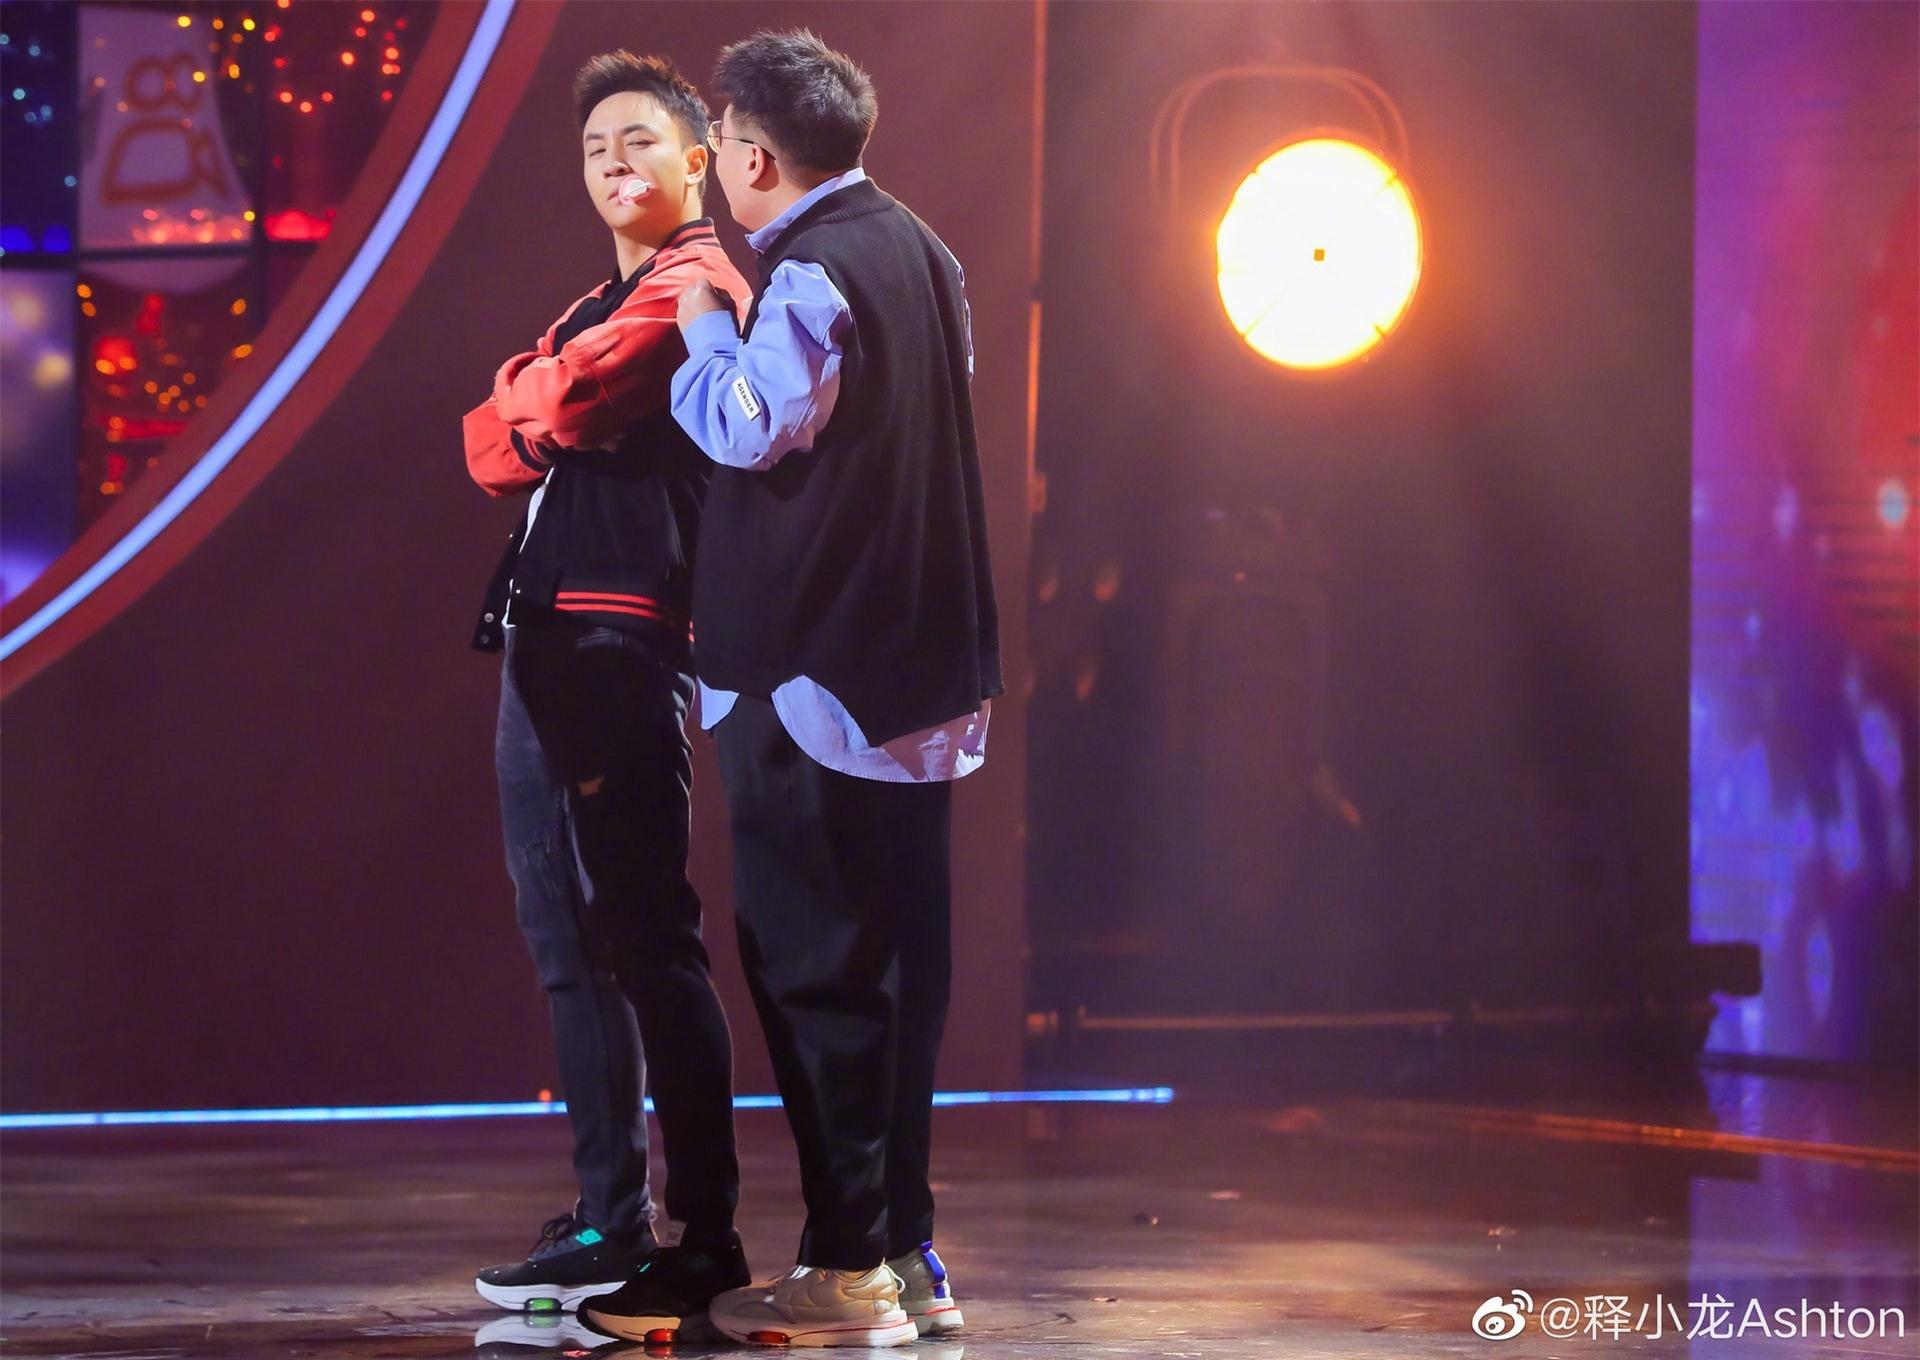 Thích Tiểu Long và Hác Thiệu Văn ôm hôn thắm thiết, hội ngộ sau 27 năm - Ảnh 1.